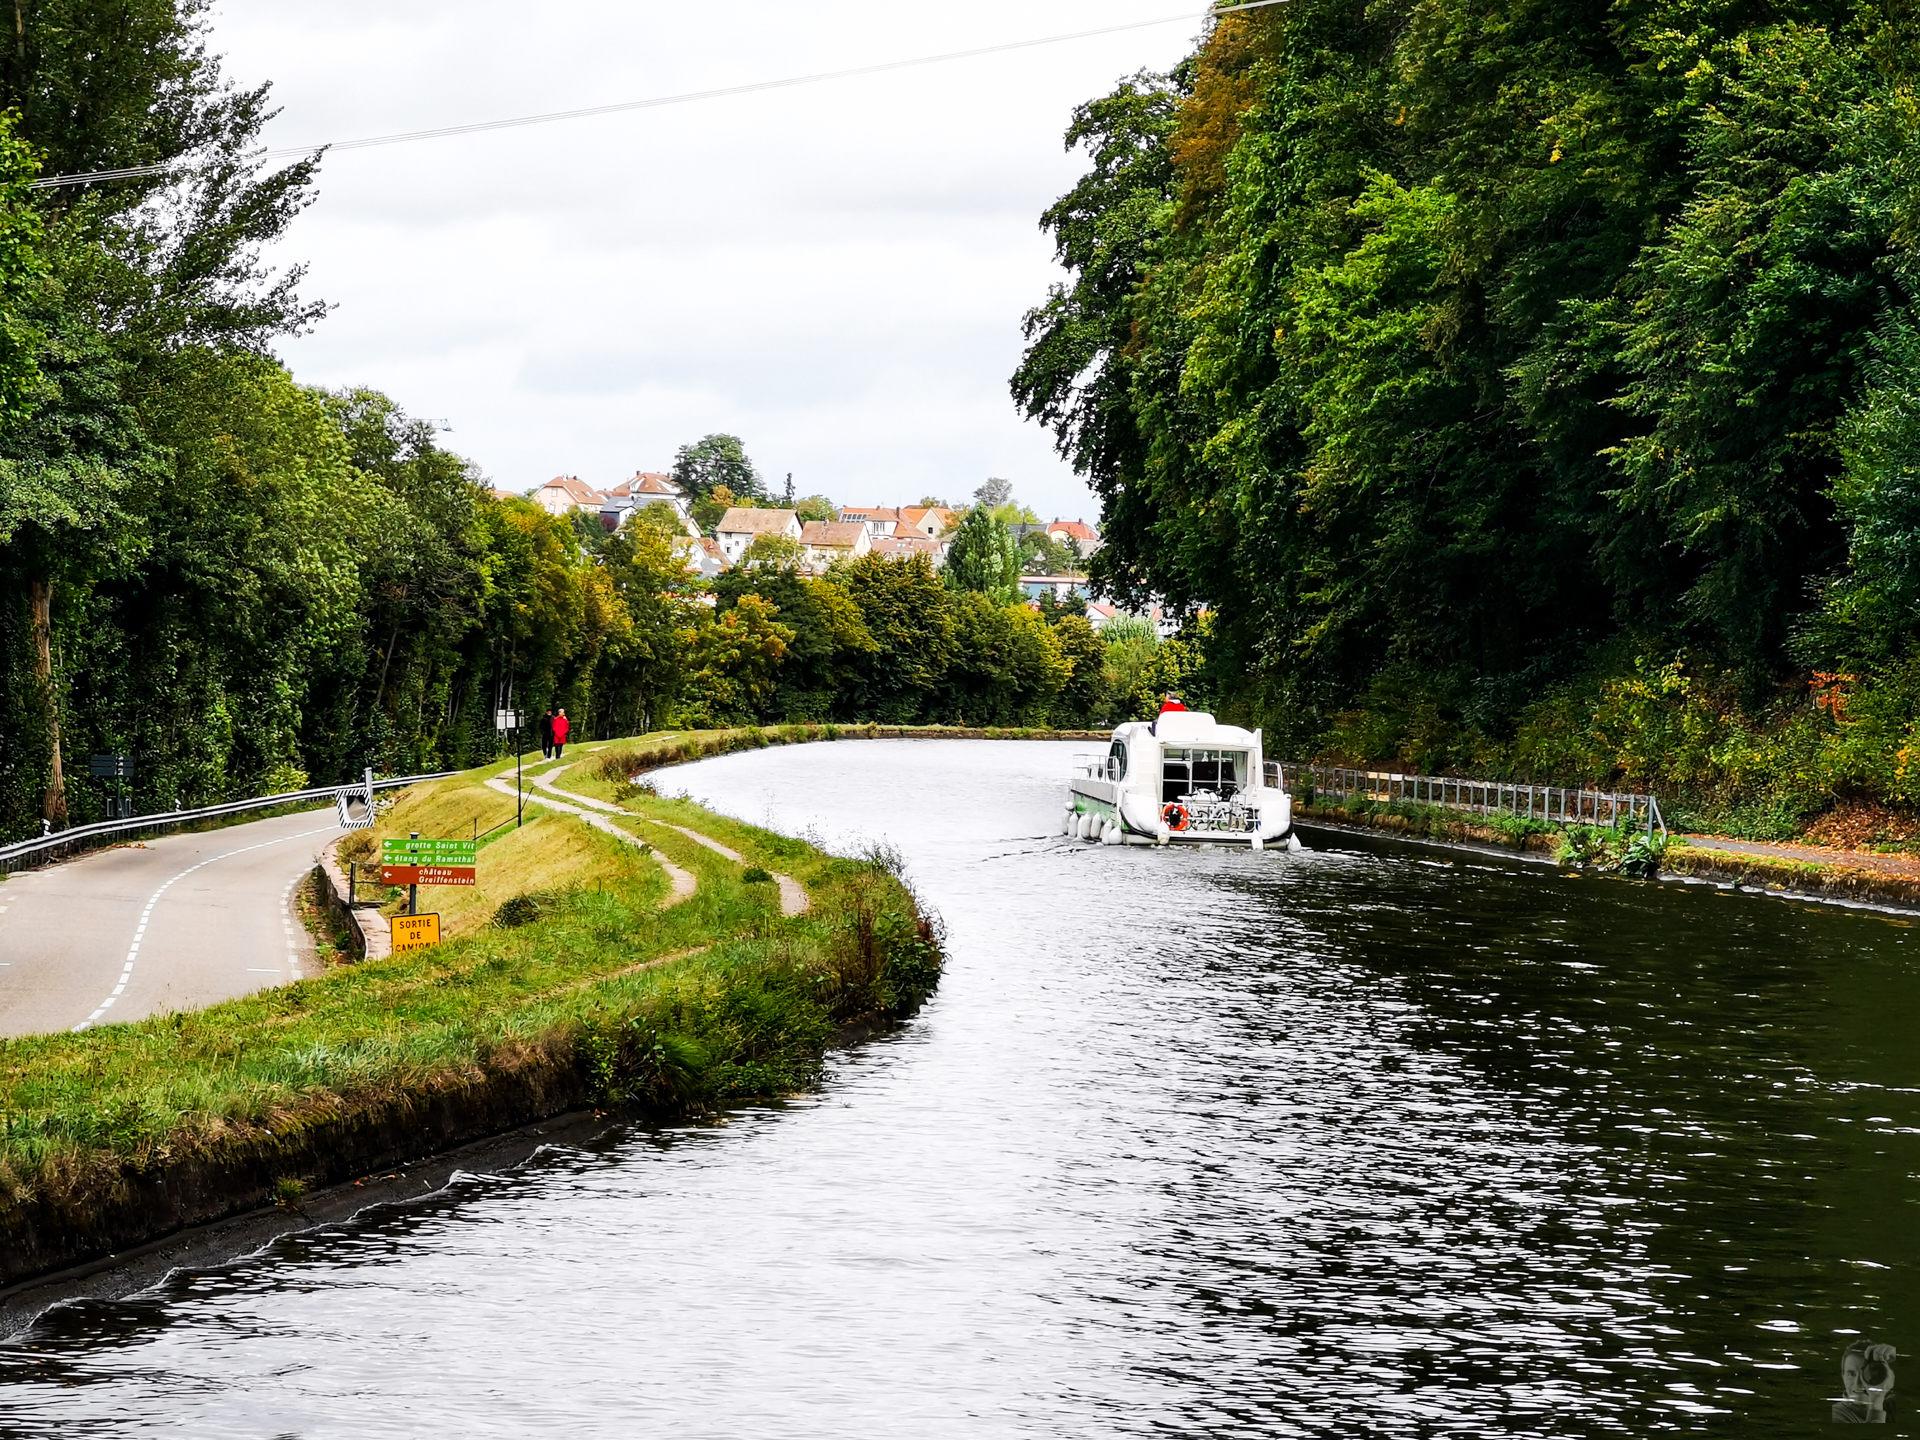 Anfahrt nach Saverne-Canal de la Marne au Rhin